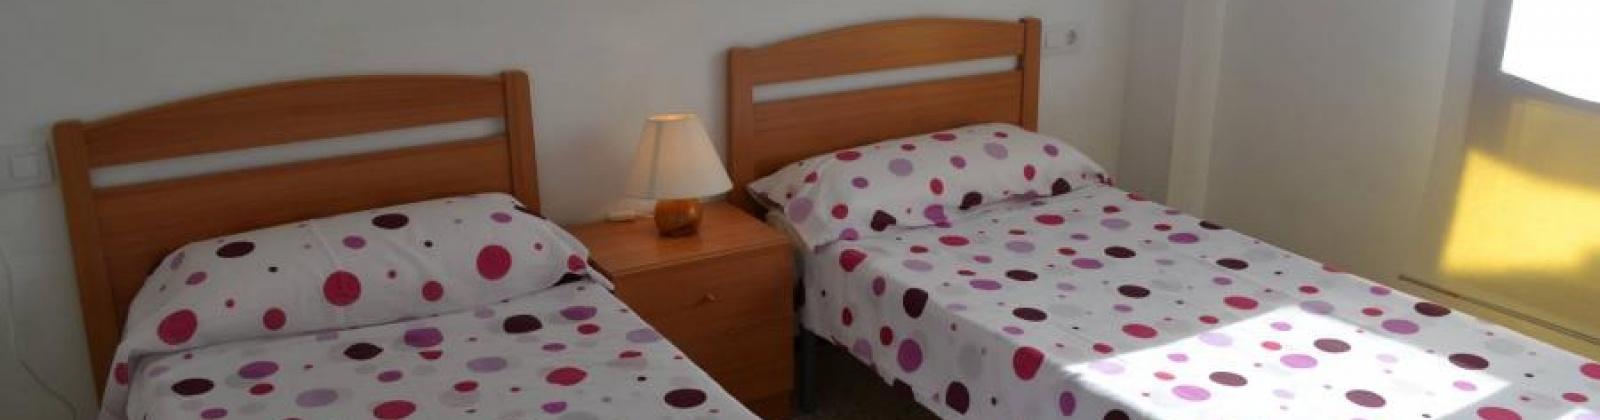 16 Roger de Flor,LLançà,Catalonia 17490,2 Bedrooms Bedrooms,1 BathroomBathrooms,Apartment,Roger de Flor ,2,1003